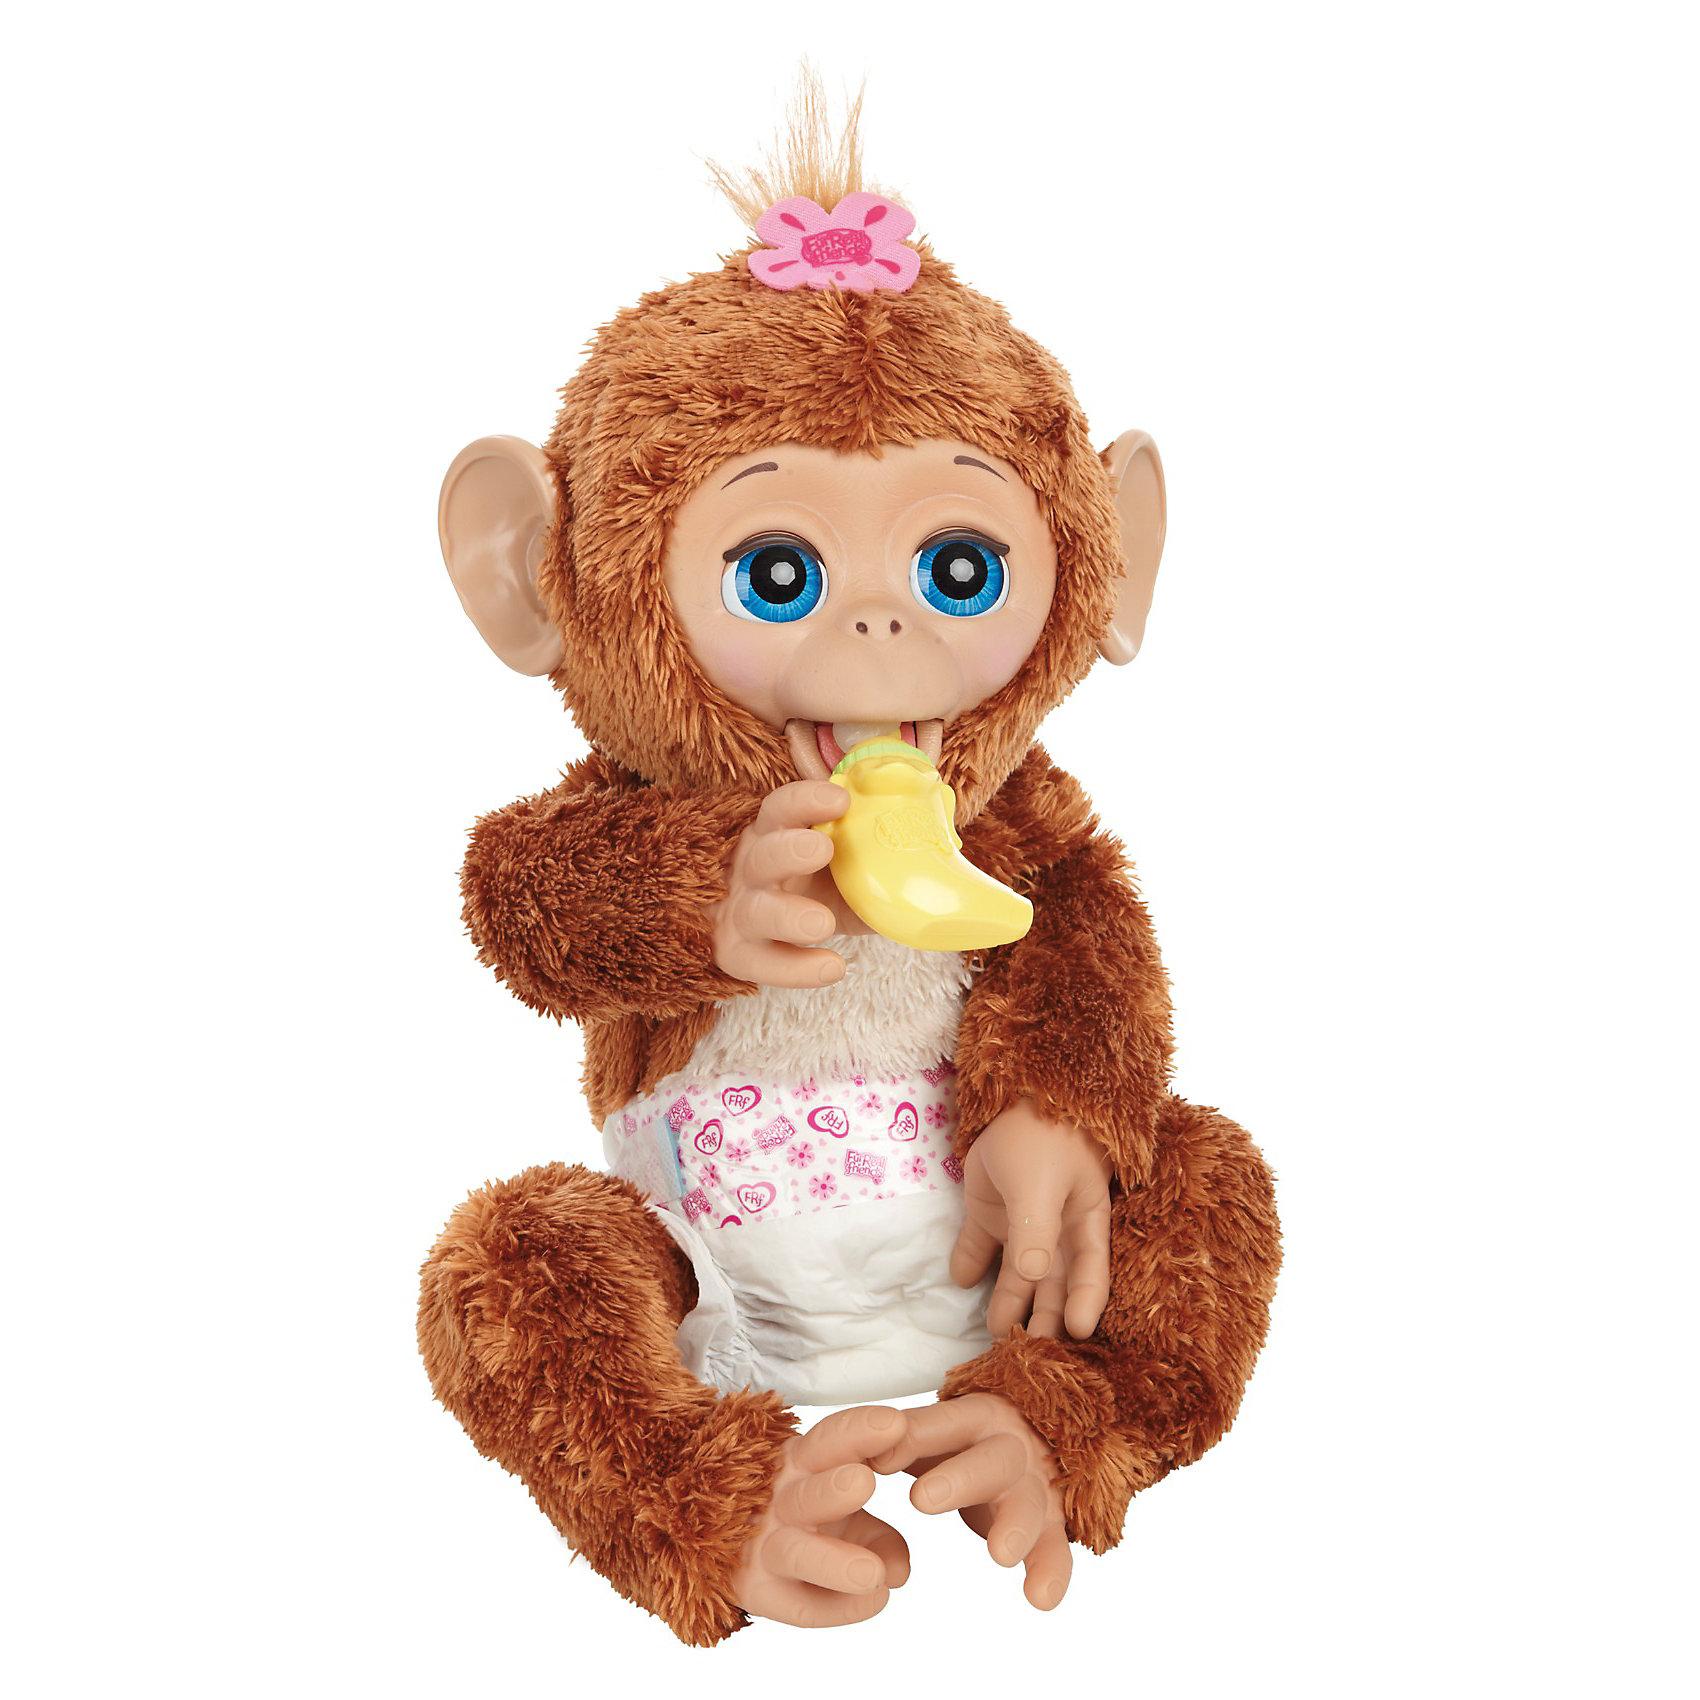 Смешливая обезьянка, FurReal Friends, HasbroЗвери и птицы<br>Смешливая обезьянка, FurReal Friends, Hasbro. Теперь у тебя есть своя собственная домашняя обезьянка с голубыми глазами, которые могут закрываться, если она устала, и с мягкой бежево-коричневой шёрсткой! Она двигает губами, когда ты кормишь её из бутылочки, которая сделана в форме банана. После кормления не забудь поменять подгузник. Пощекоти её и ты услышышь, веселый смех твоего питомца. Покачай обезьянку на руках, и она закроет глазки и уснет. Заботься о ней, как о настоящем малыше!<br><br>Дополнительная информация:<br><br>- В комлекте: обезьянка, бутылочка-банан, подгузник.<br>- Игрушка выдаёт более 100 разных реакций на действия с ней.<br>- Для работы игрушки необходимы 4 батарейки типа C / LR14 1.5V (малые бочонки), не входят в комплект.<br>- Игрушка изготовлена из пластмассы и текстиля, имеет высоту около 35 см.<br>- Размер коробки: 38.1 х 19.1 х 38.1 см.<br><br>Побалуйся вместе со смешливой обезъянкой от FurReal - покрути её и услышишь восторженное У-ииии!<br><br>Смешливую обезьянку, FurReal Friends, Hasbro можно купить в нашем магазине.<br><br>Ширина мм: 382<br>Глубина мм: 385<br>Высота мм: 182<br>Вес г: 1504<br>Возраст от месяцев: 48<br>Возраст до месяцев: 84<br>Пол: Женский<br>Возраст: Детский<br>SKU: 3222540